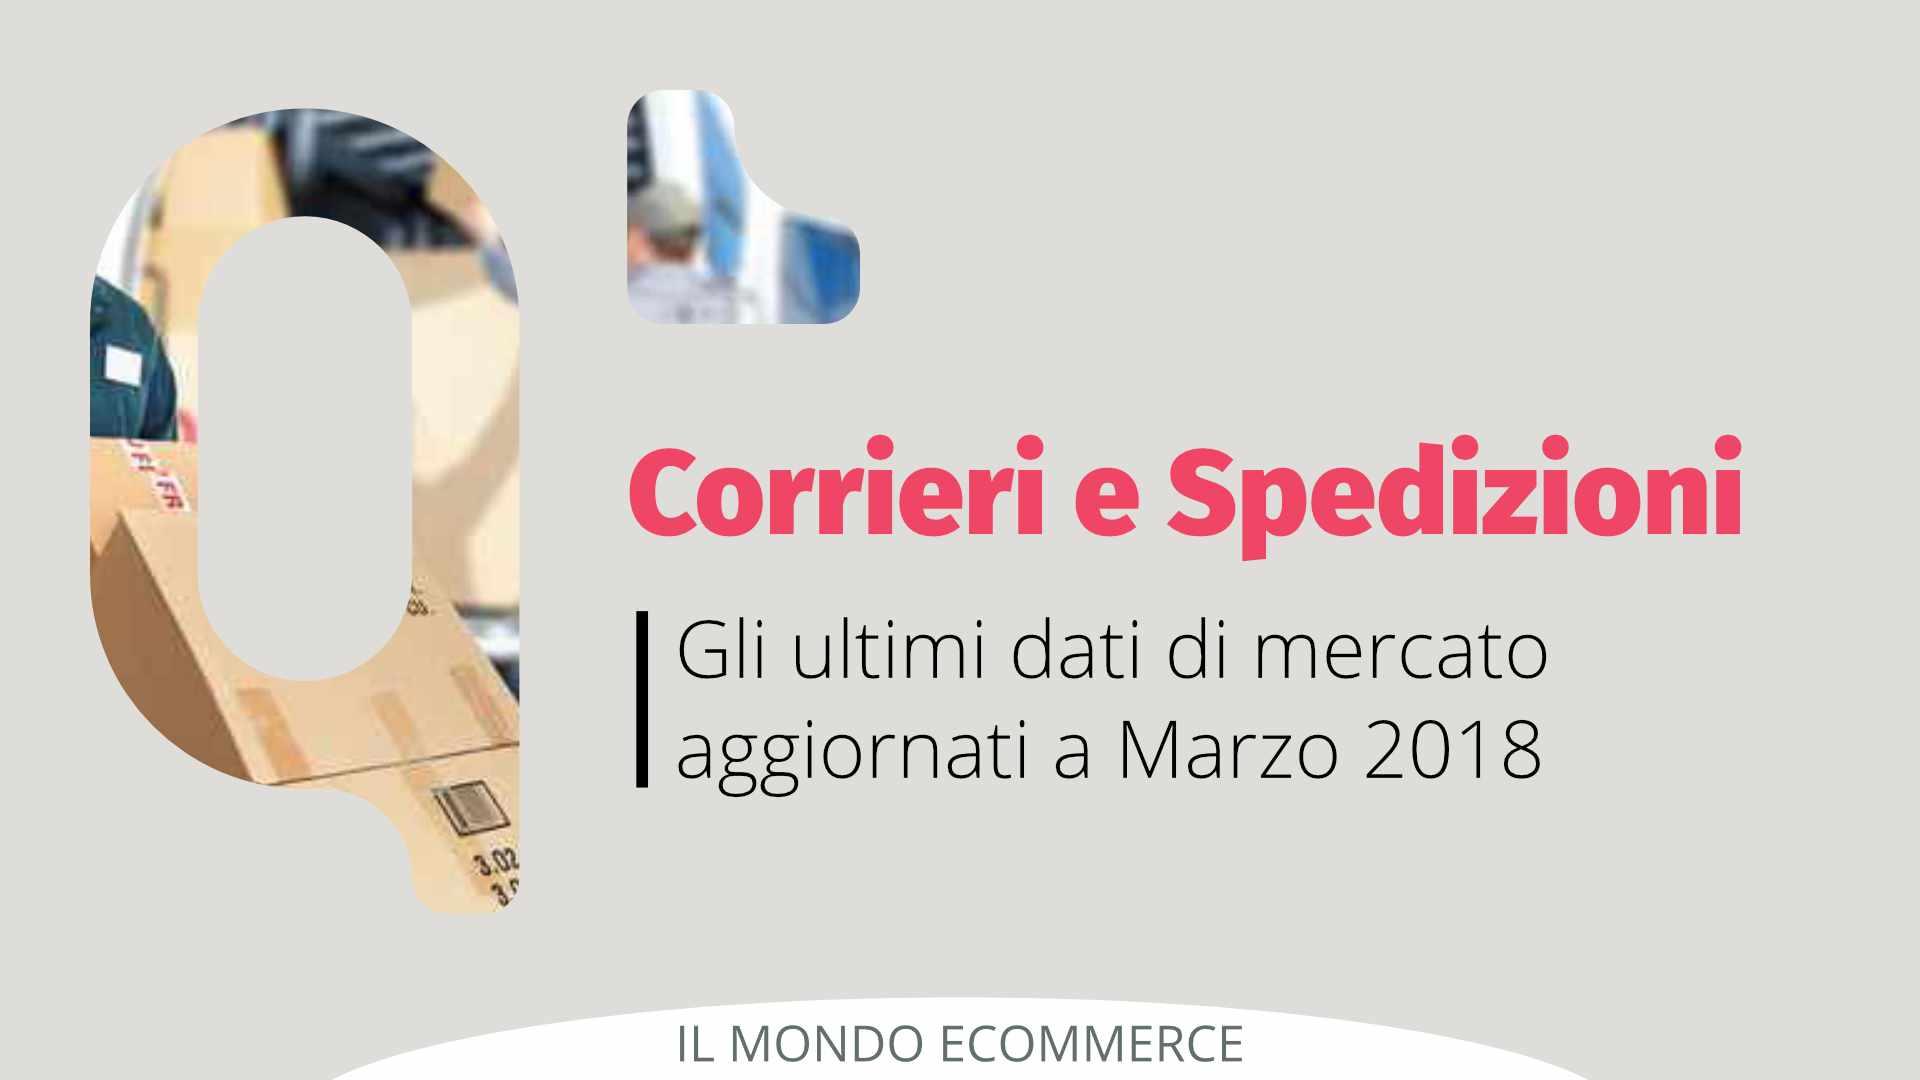 Corrieri e spedizioni in Italia: gli ultimi dati di mercato